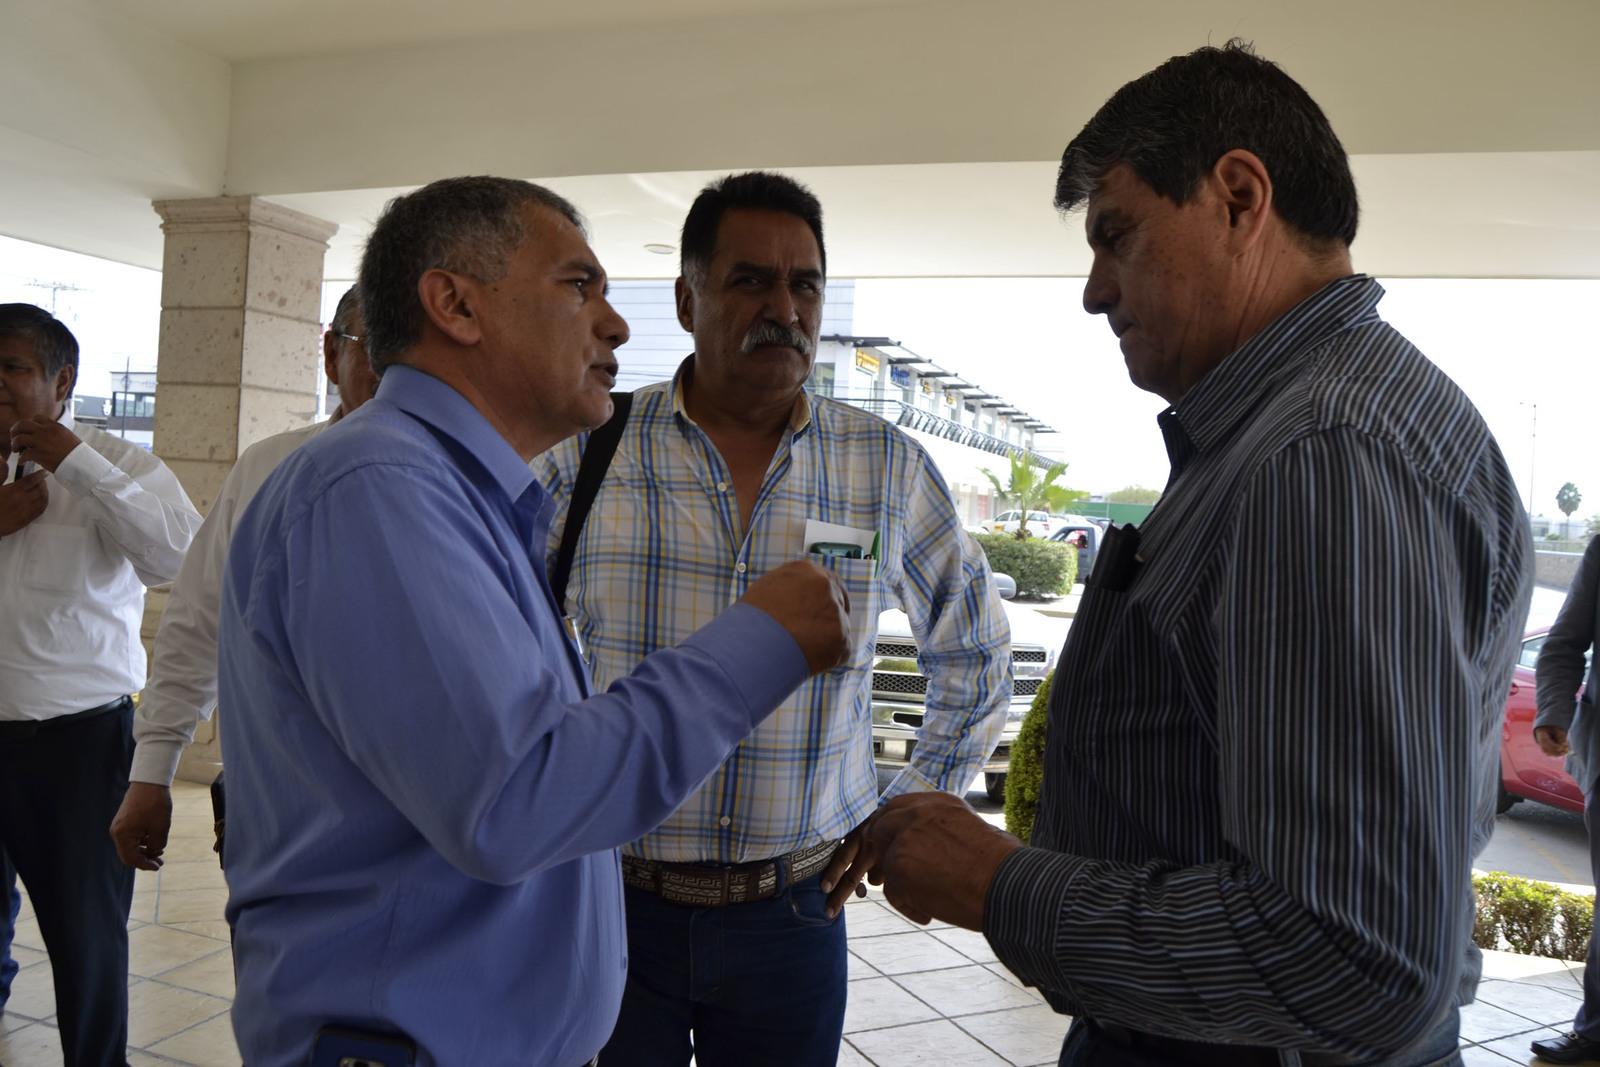 Narro pide 228 mdp más de presupuesto, El Siglo de Torreón